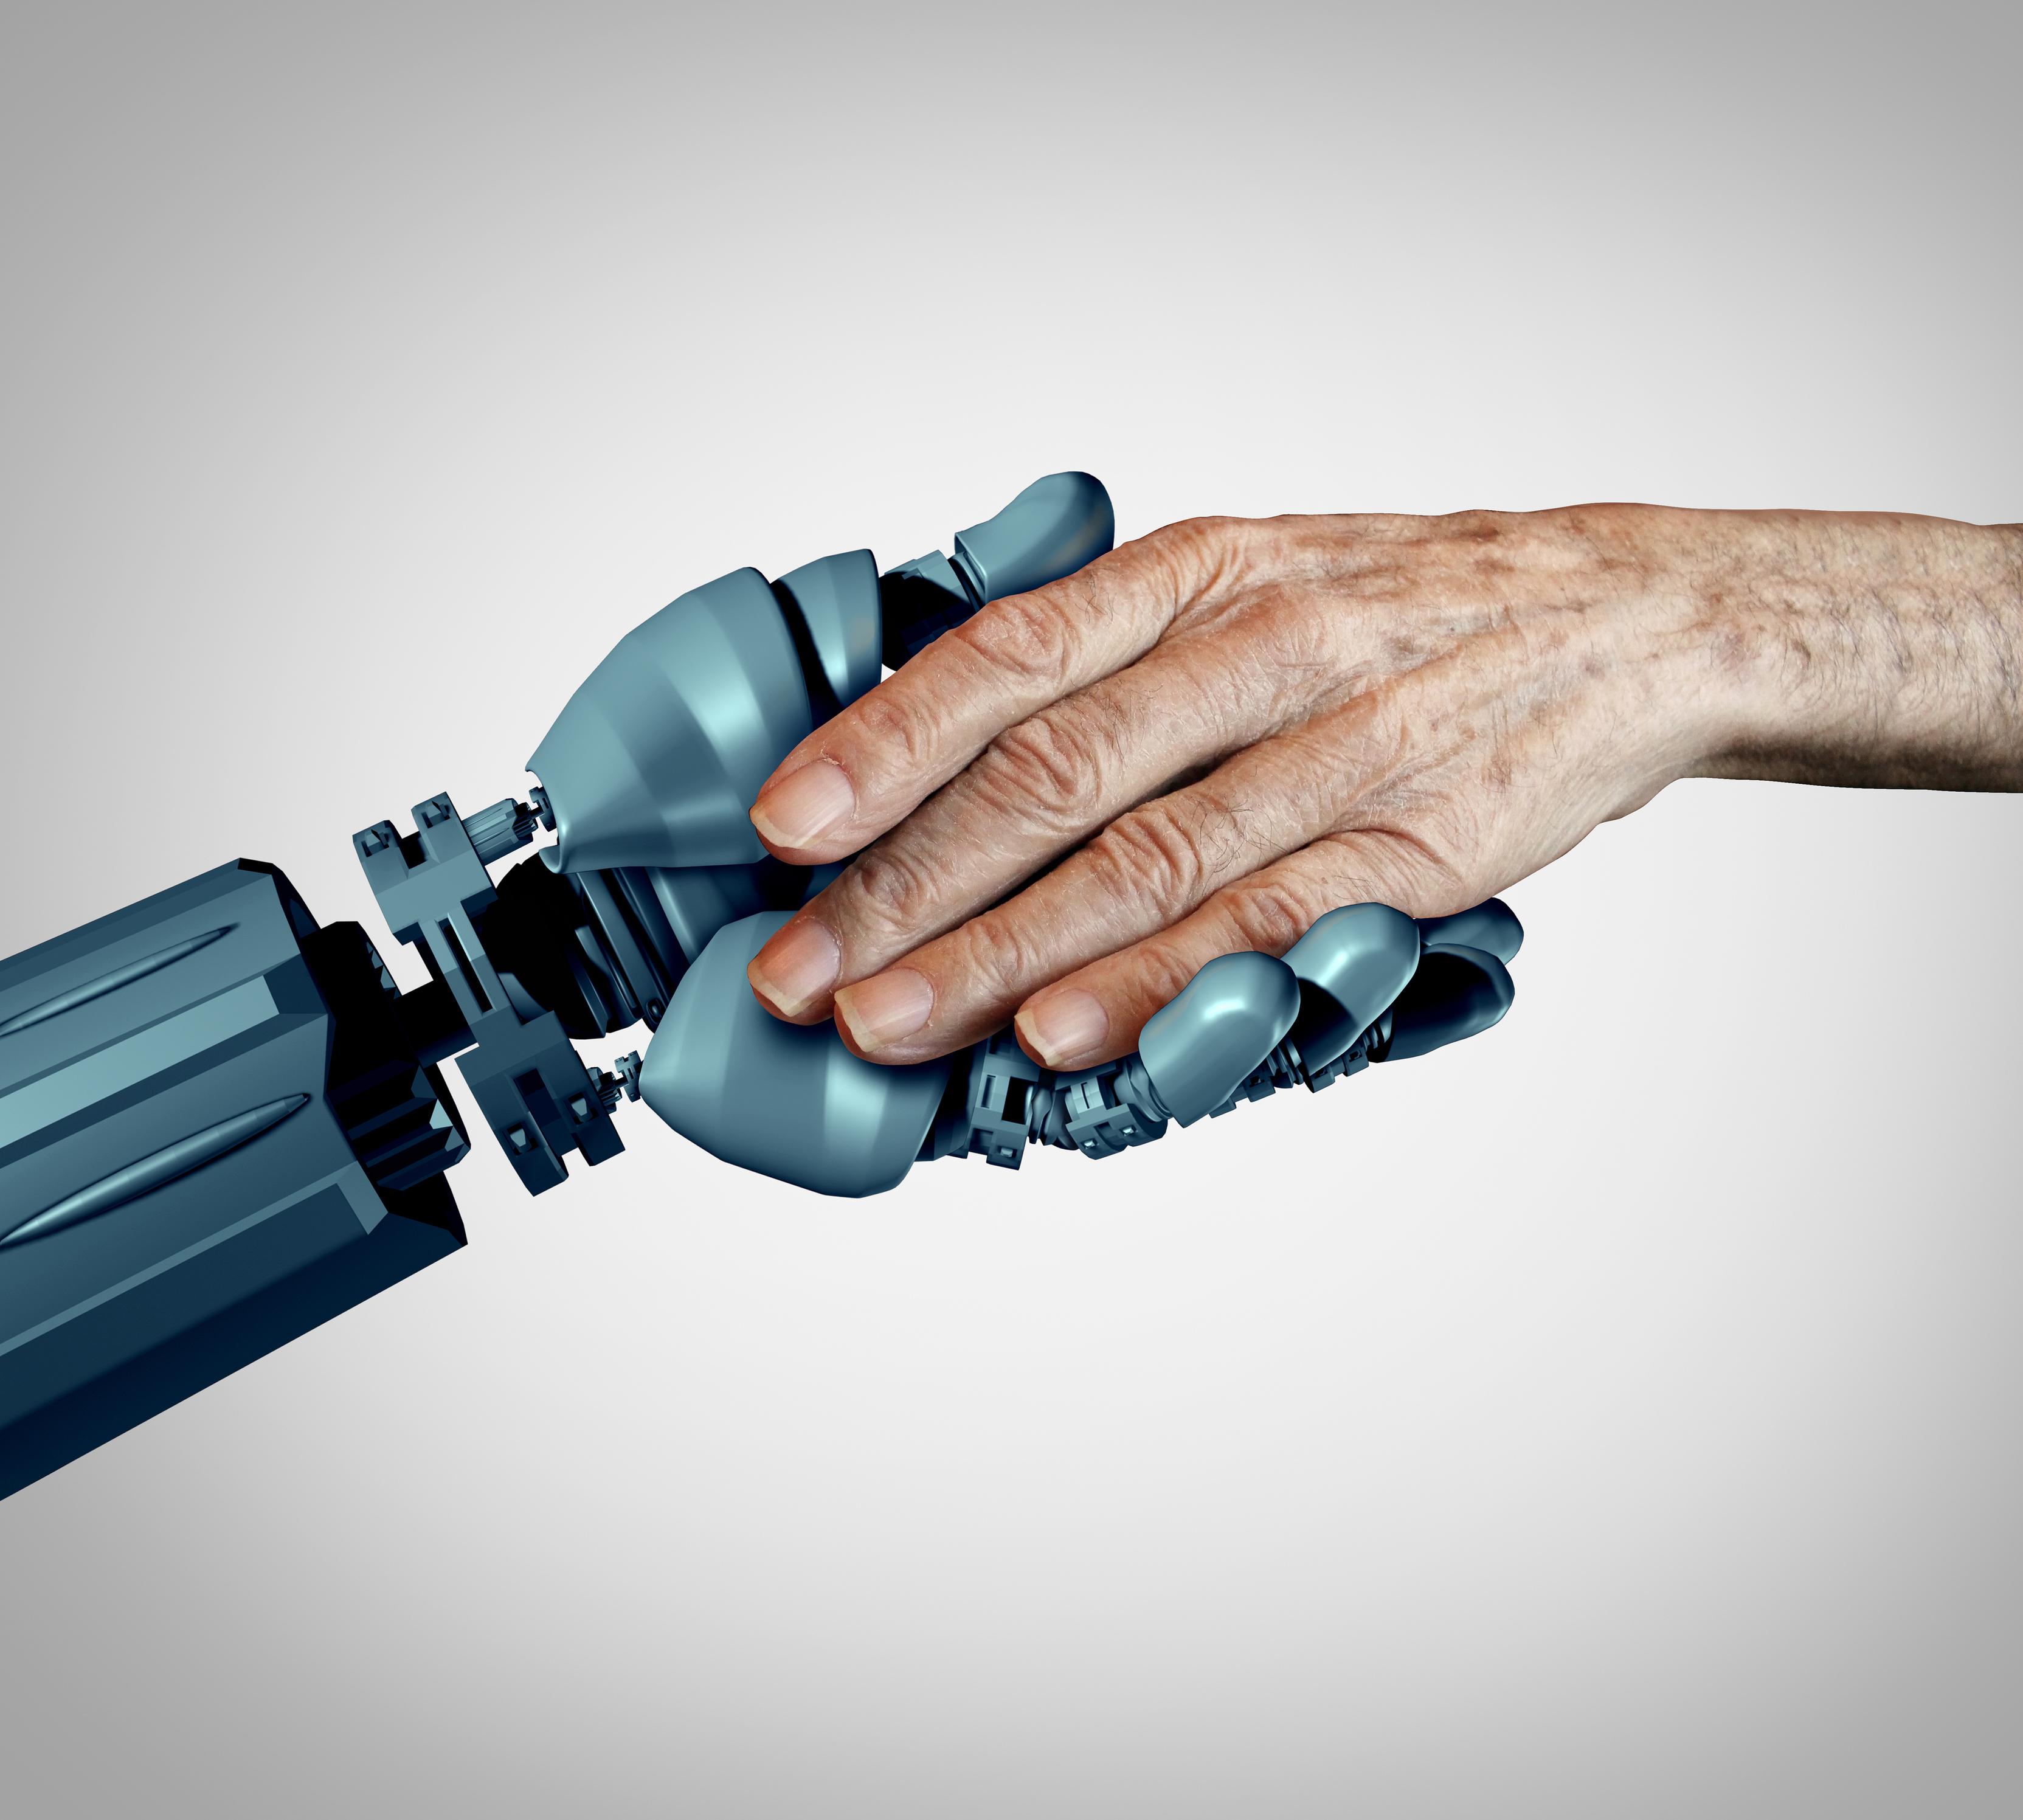 Autoritățile suedeze introduc roboți pentru a ajuta asistenții sociali